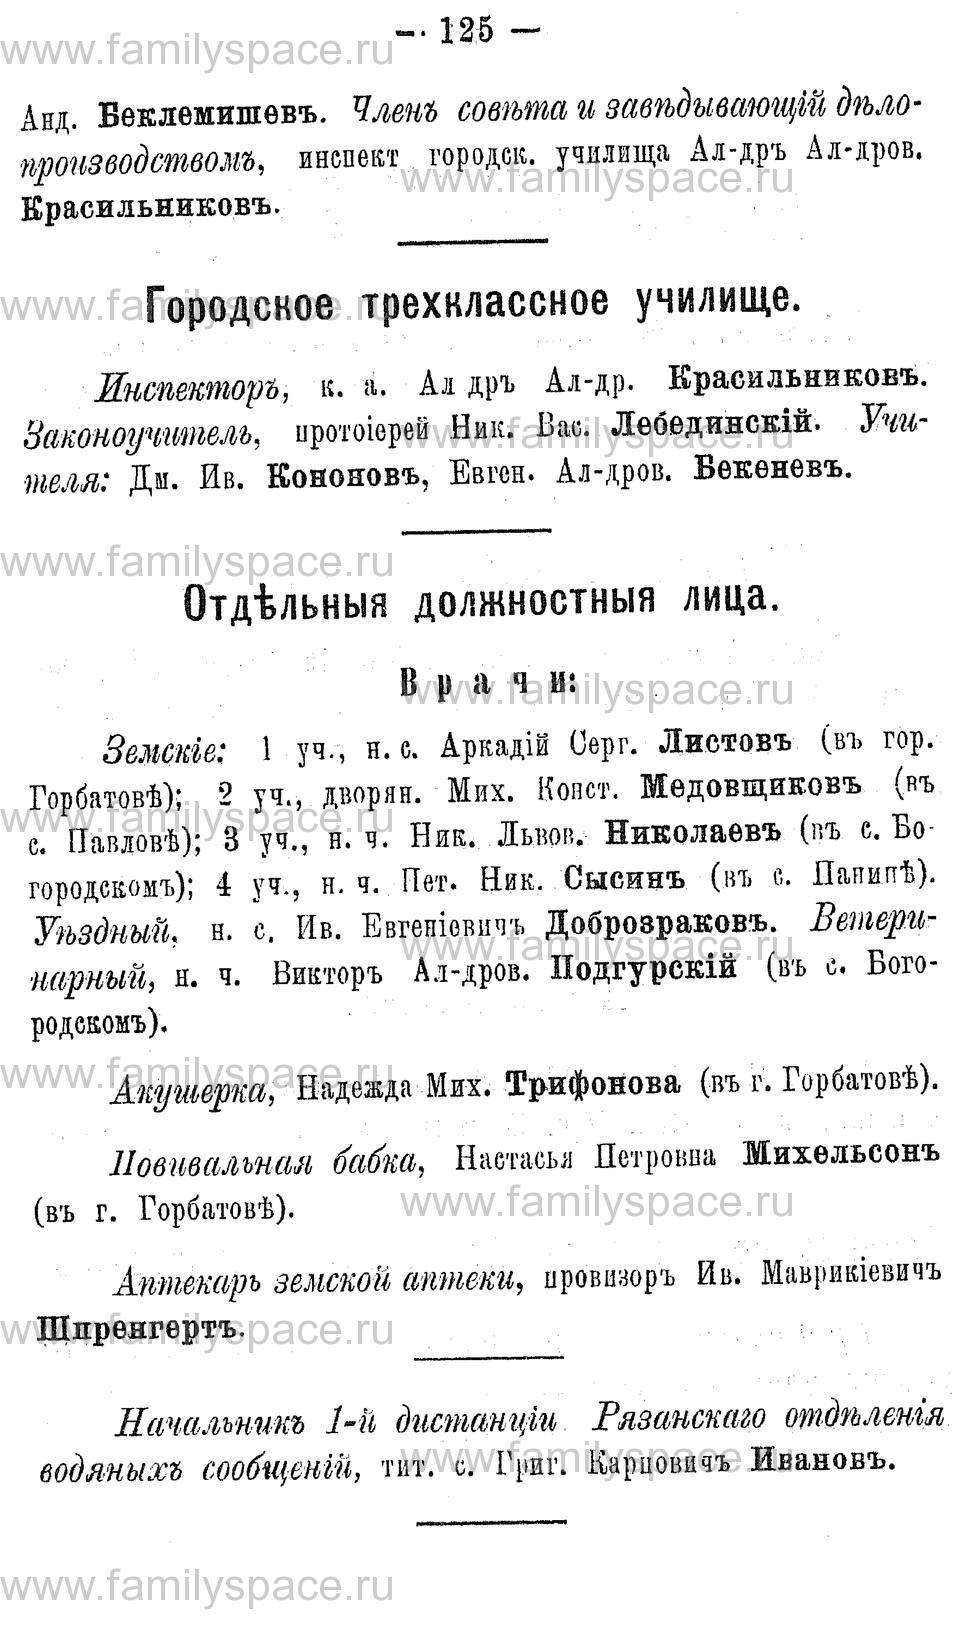 Поиск по фамилии - Адрес-календарь Нижегородской губернии на 1891 год, страница 125